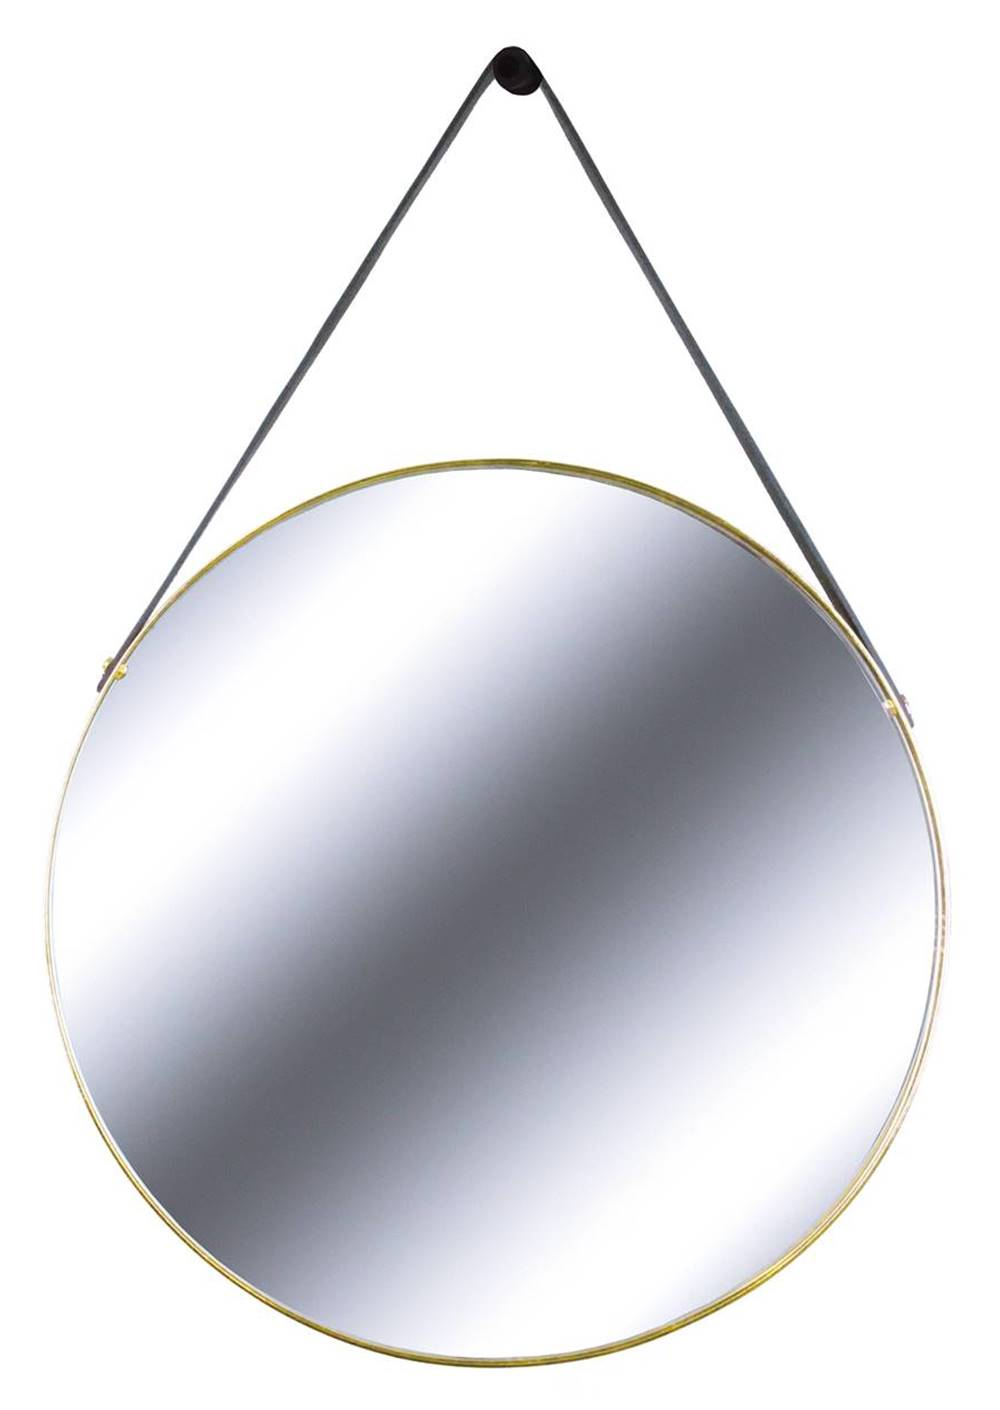 Espelho Redis Moldura Banhada cor Dourado 75 cm (LARG) - 43551